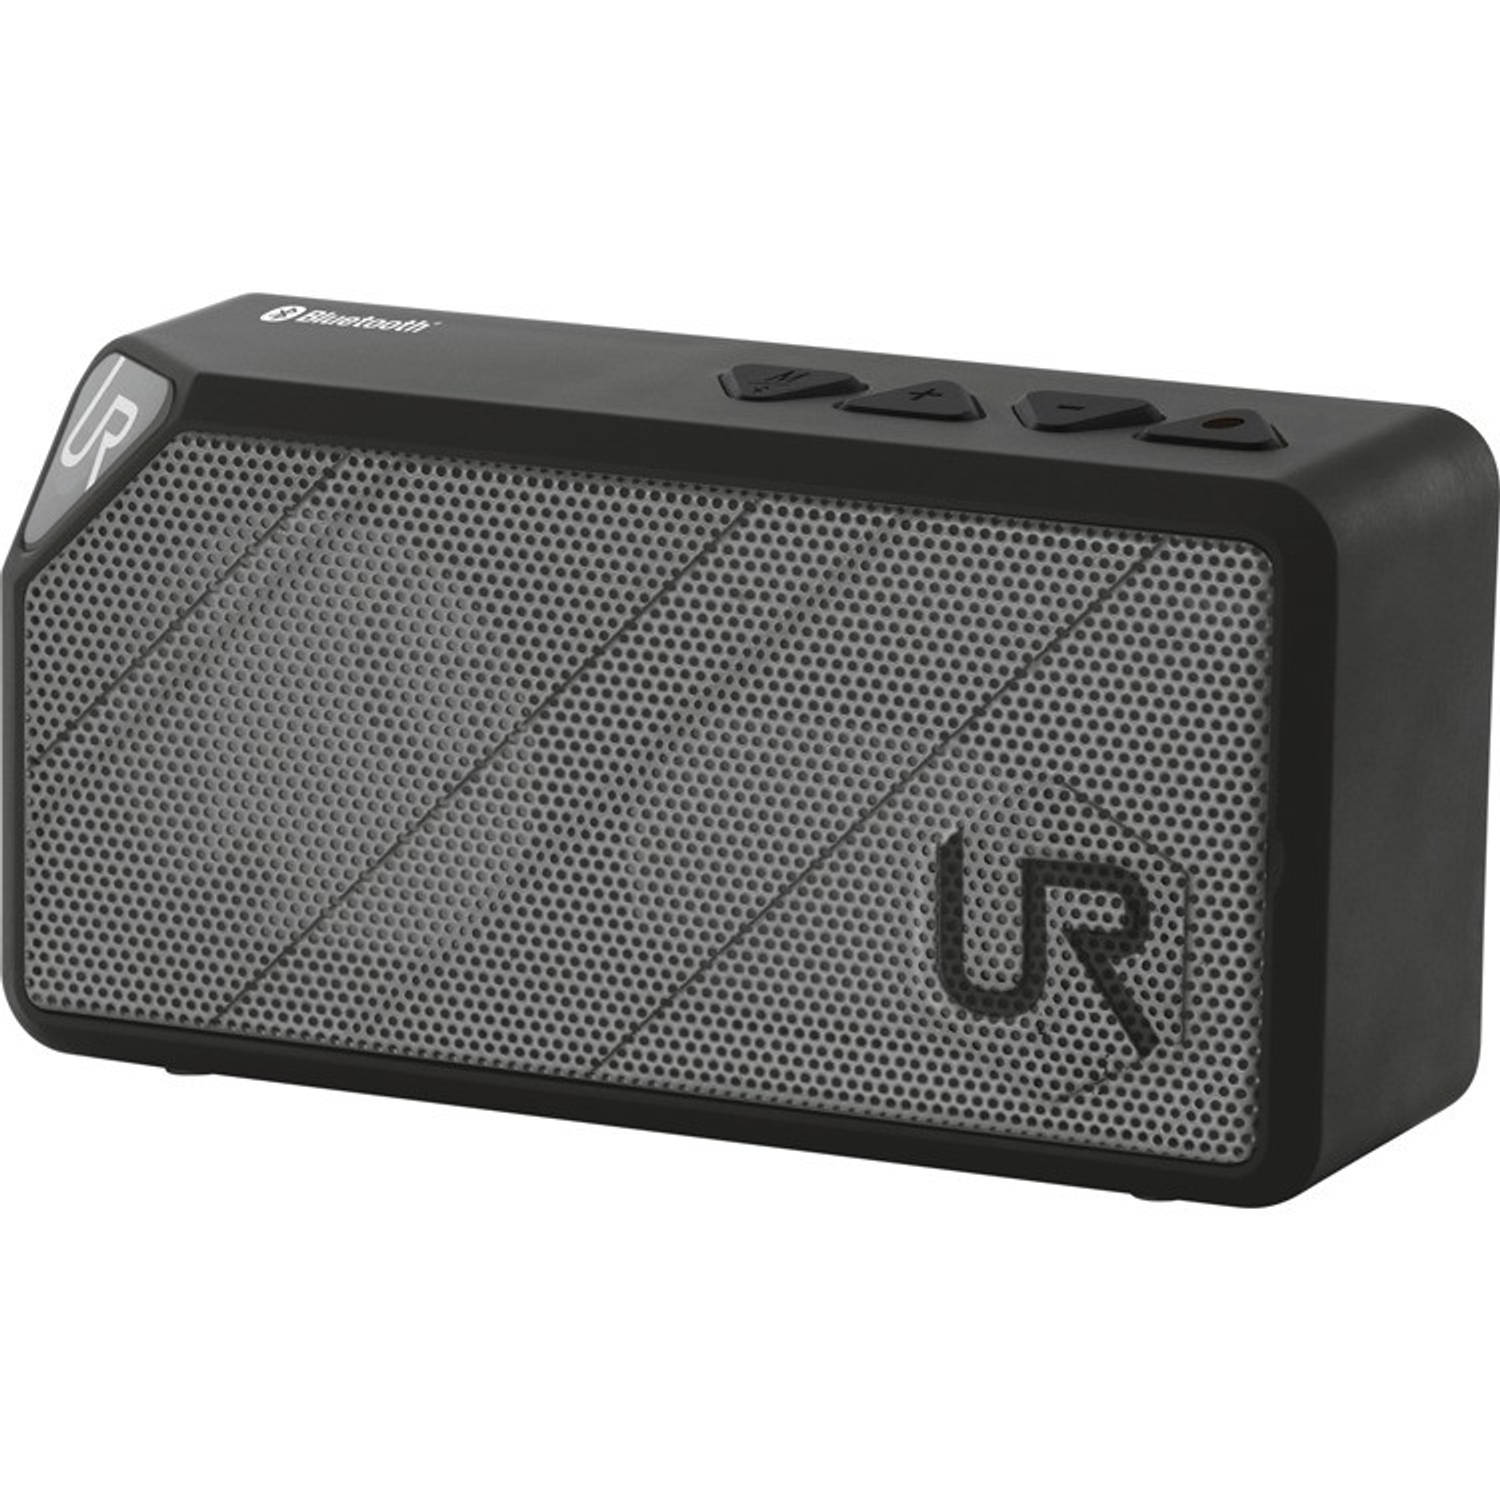 Yzo Wireless Speaker